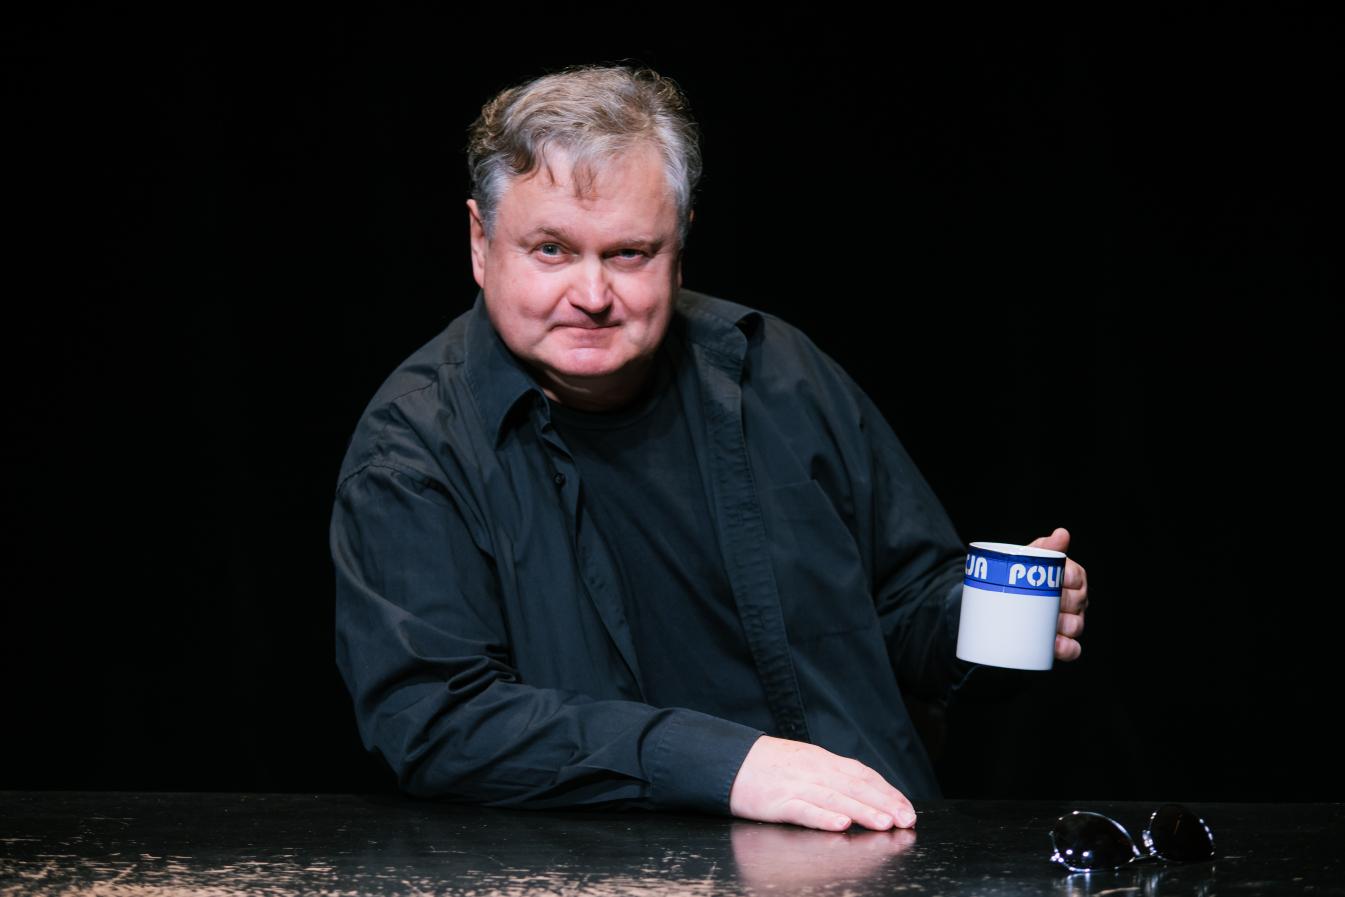 Mężczyzna siedzi przy stole, trzyma w jednej ręce kubek